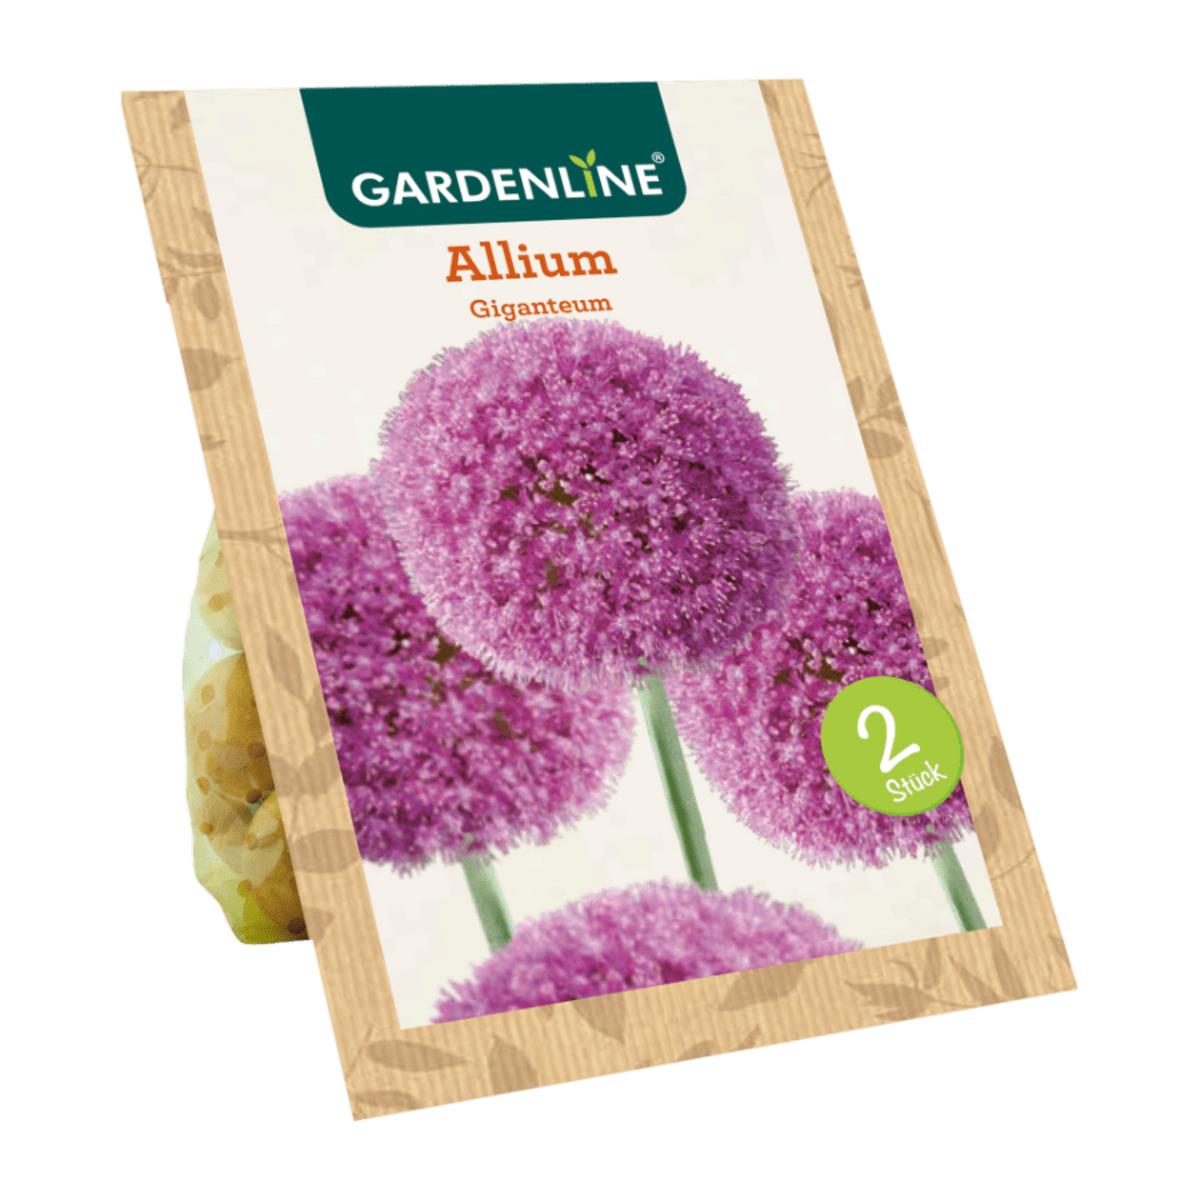 Bild 3 von GARDENLINE     Blumenzwiebeln Zierlauch